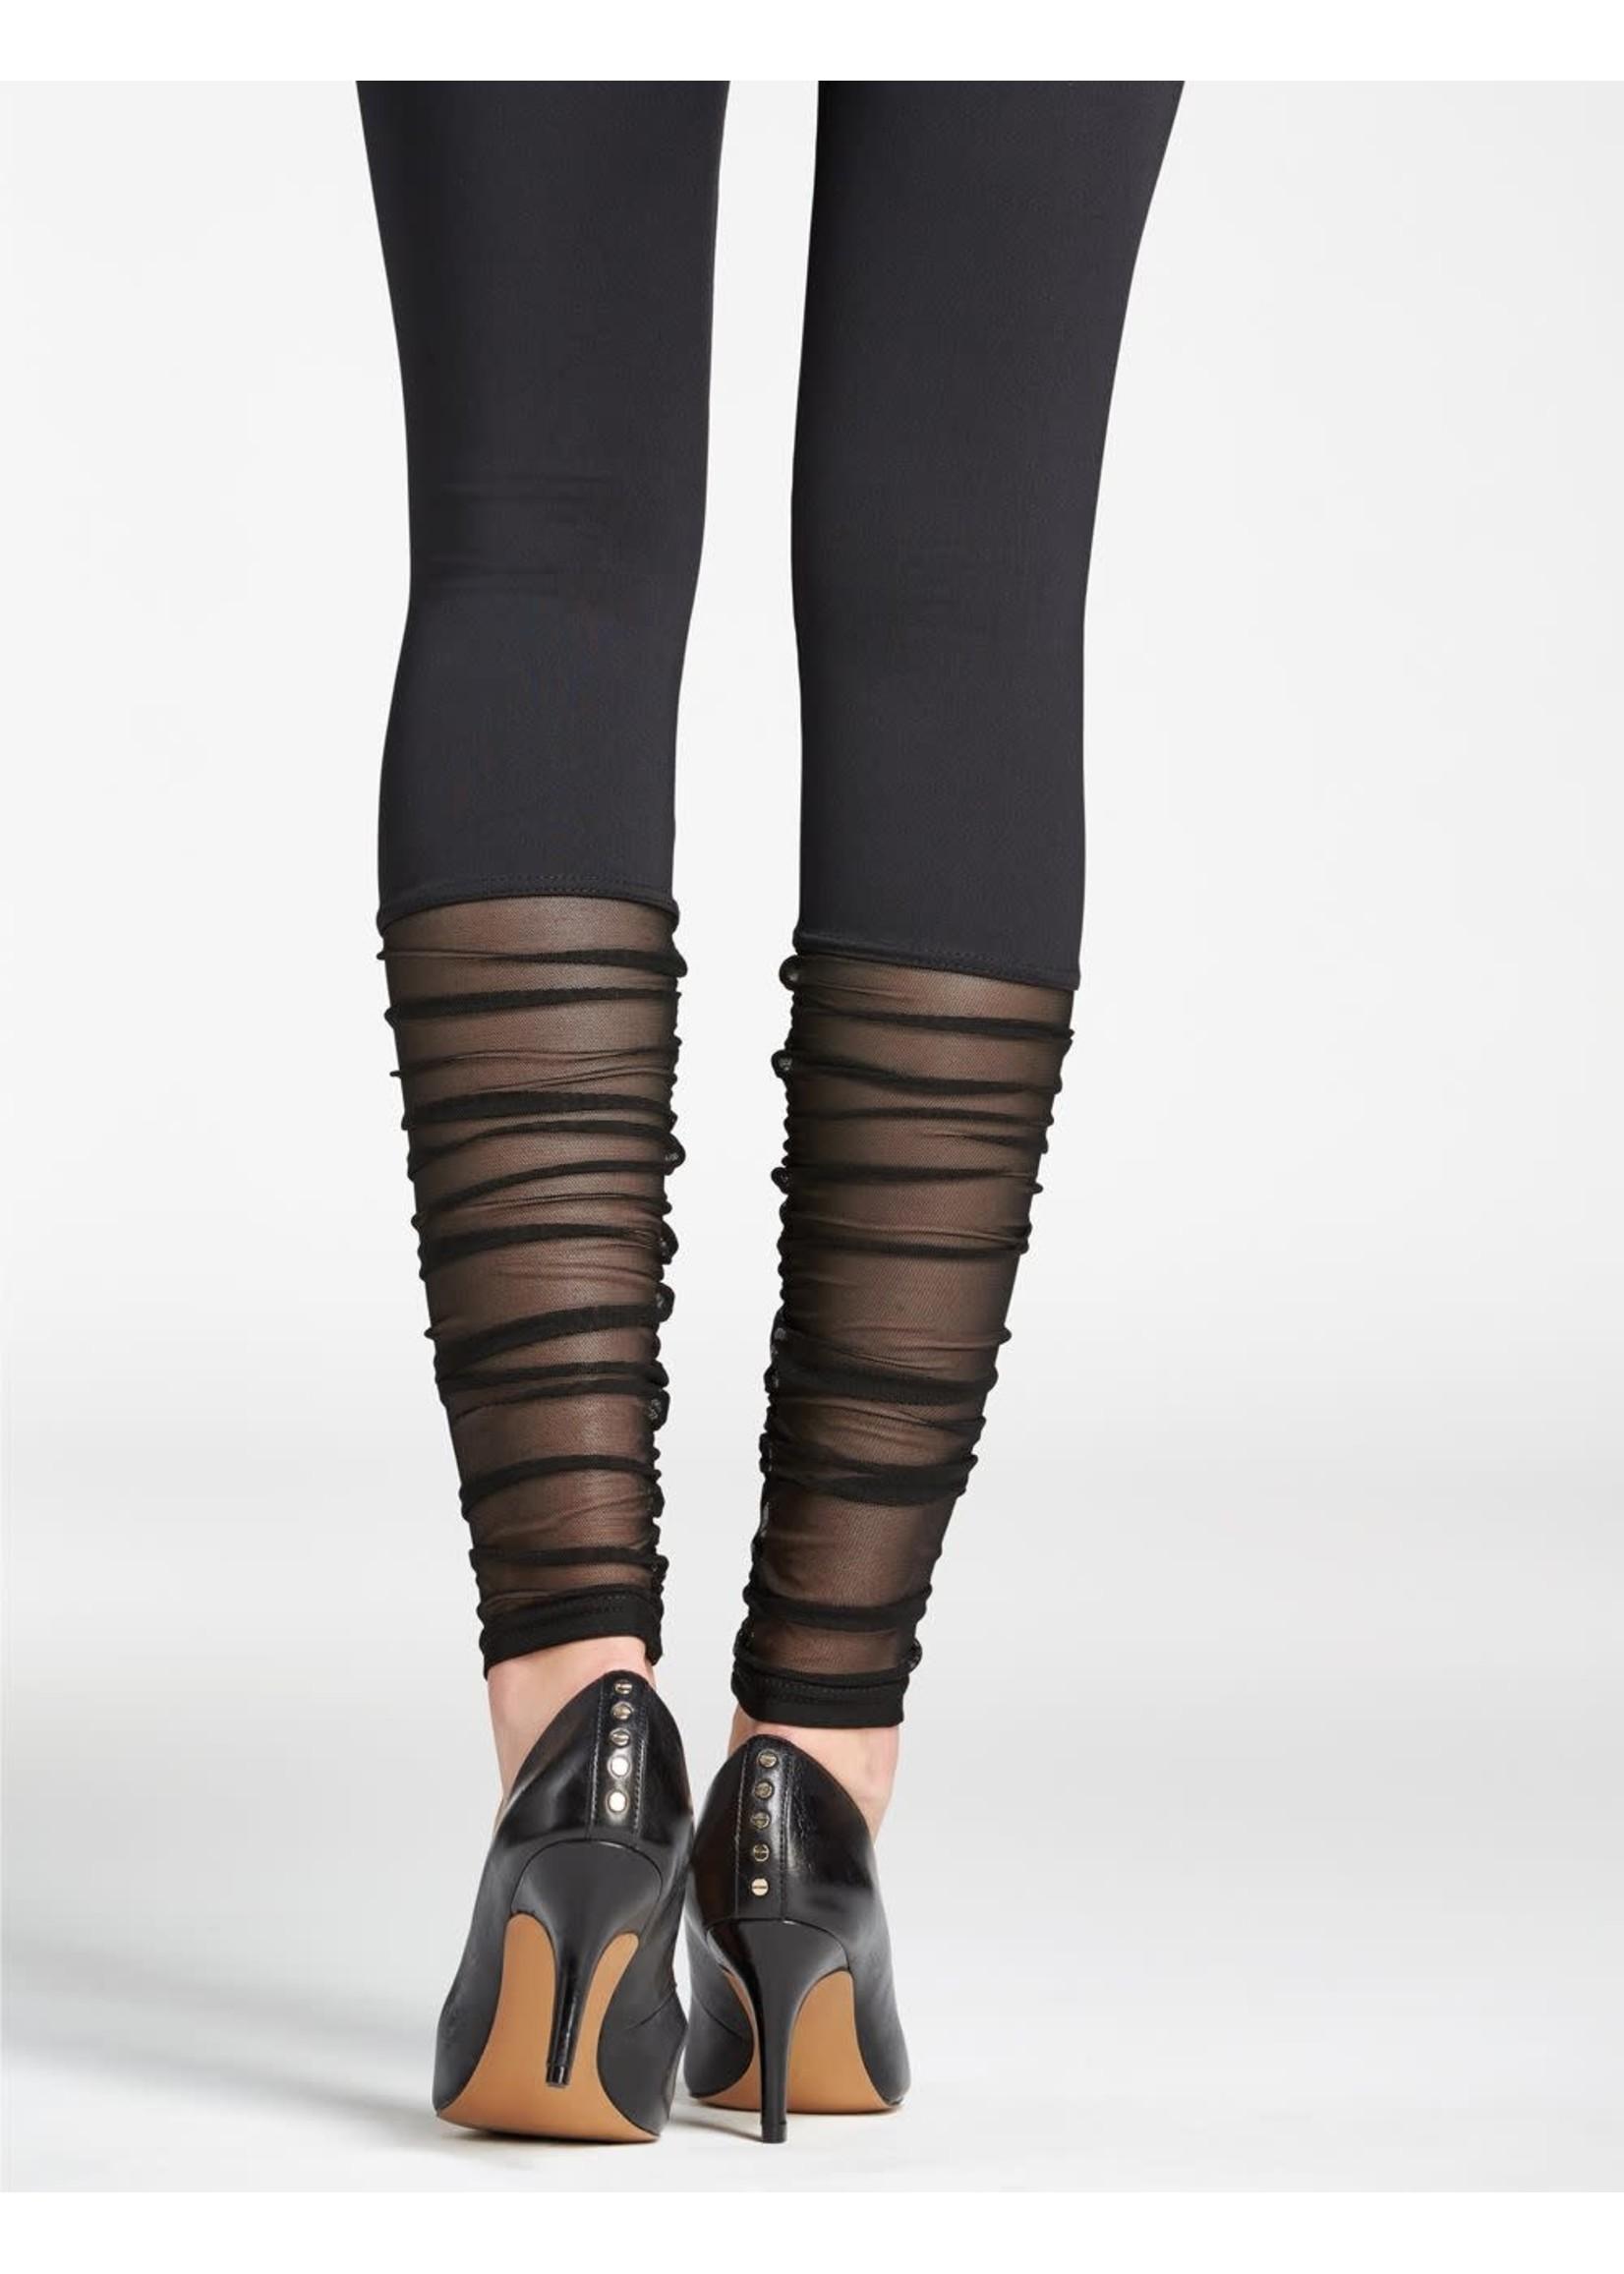 Mondor Legging avec filet plissé au bas  - Mondor 5657